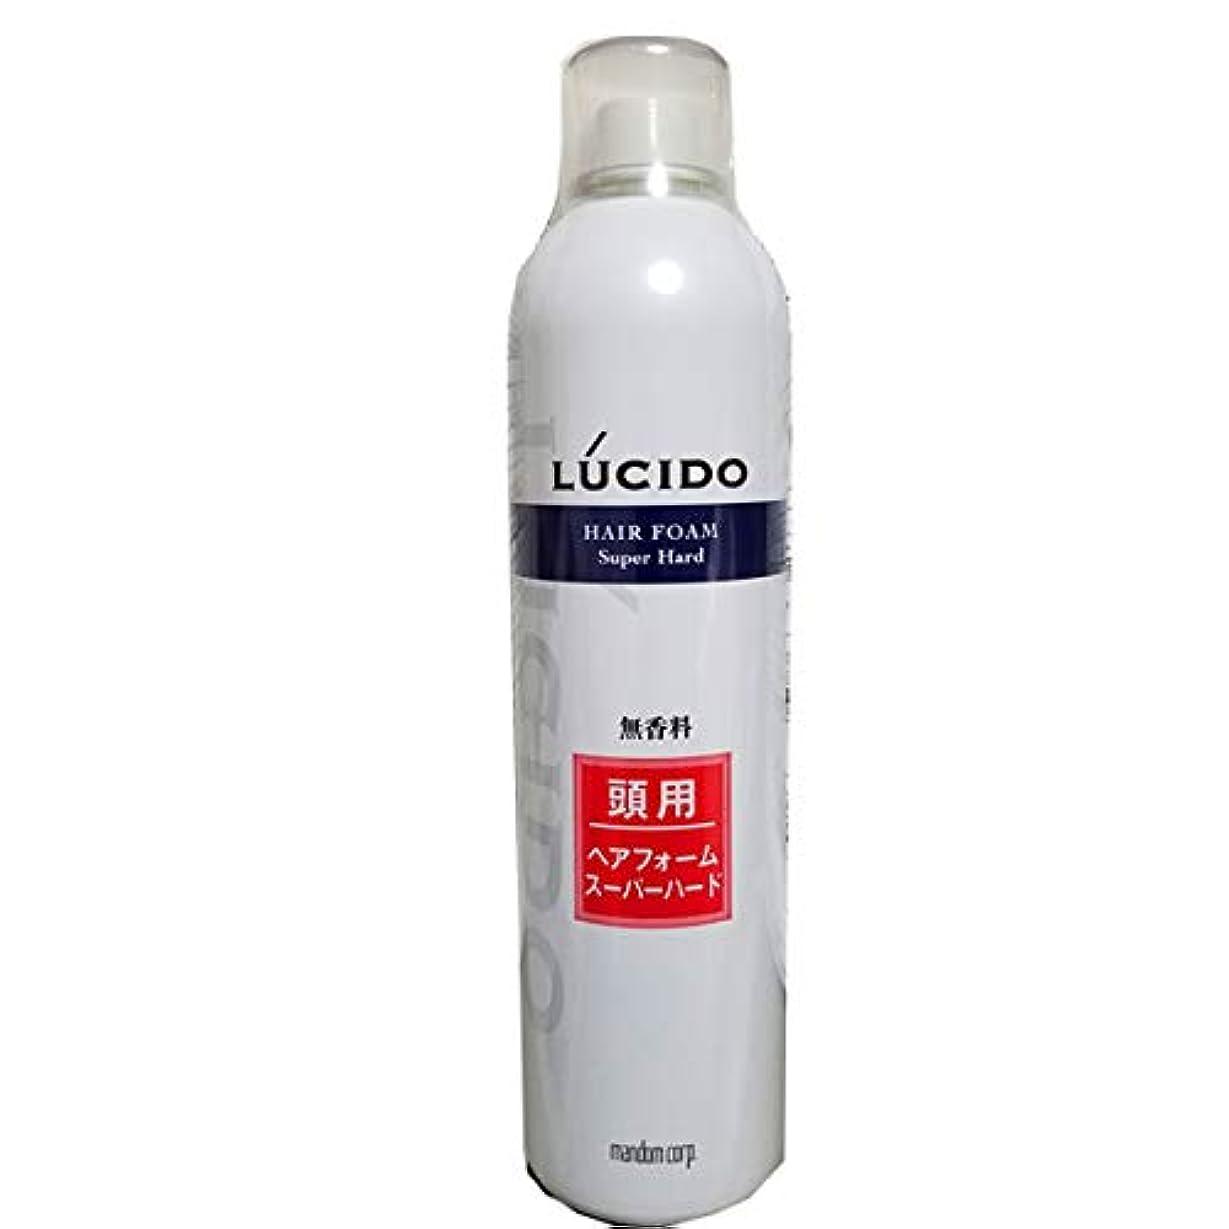 ルーム量地理ルシード ヘアフォーム スーパーハードO 400g 業務用 40才からの髪に。 マンダム